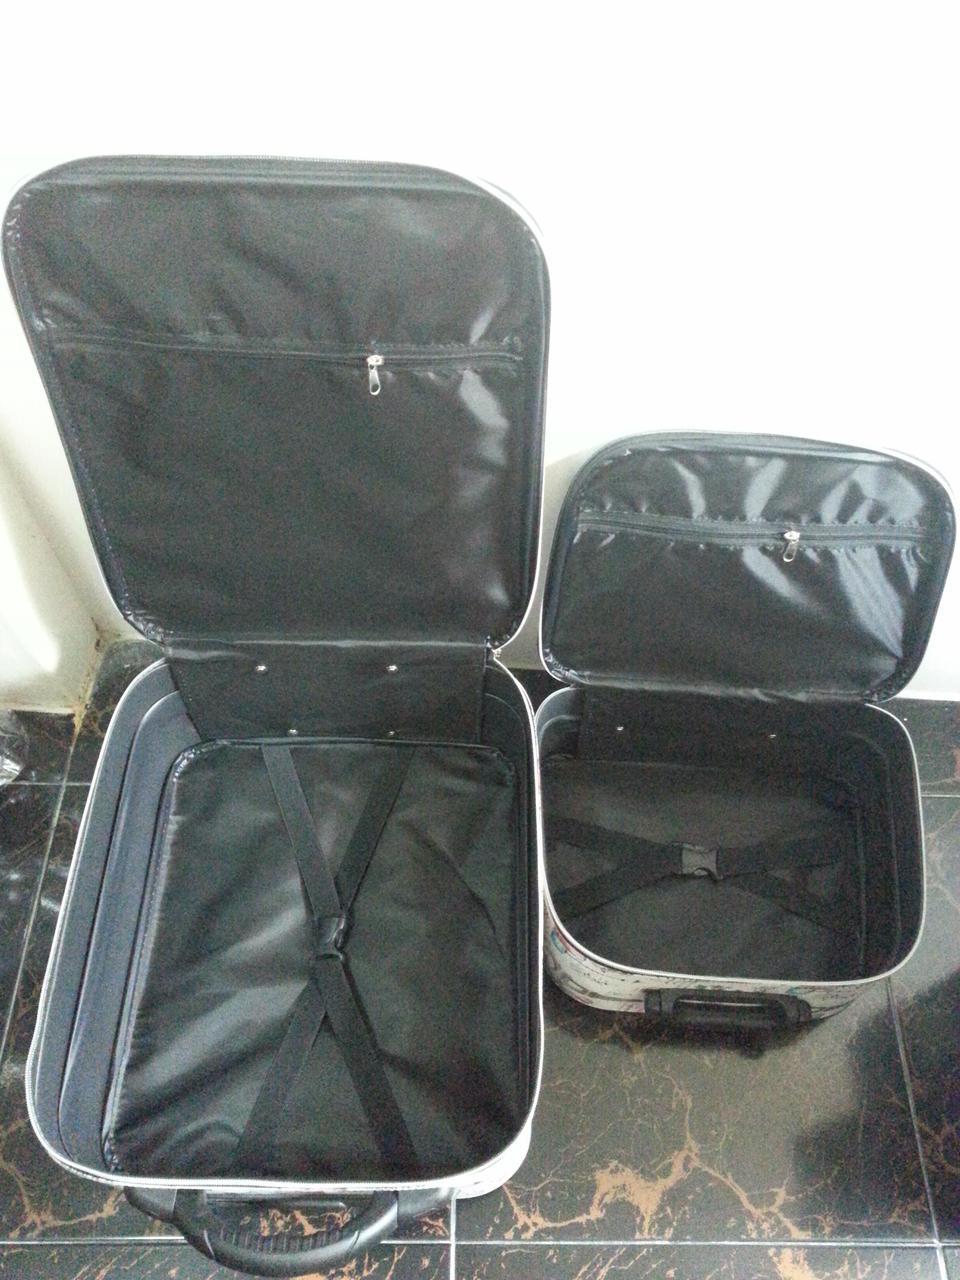 กระเป๋าเดินทางแบบผ้า ลายหอไอเฟล Set คู่ ขนาด 16 นิ้ว รูปที่ 3